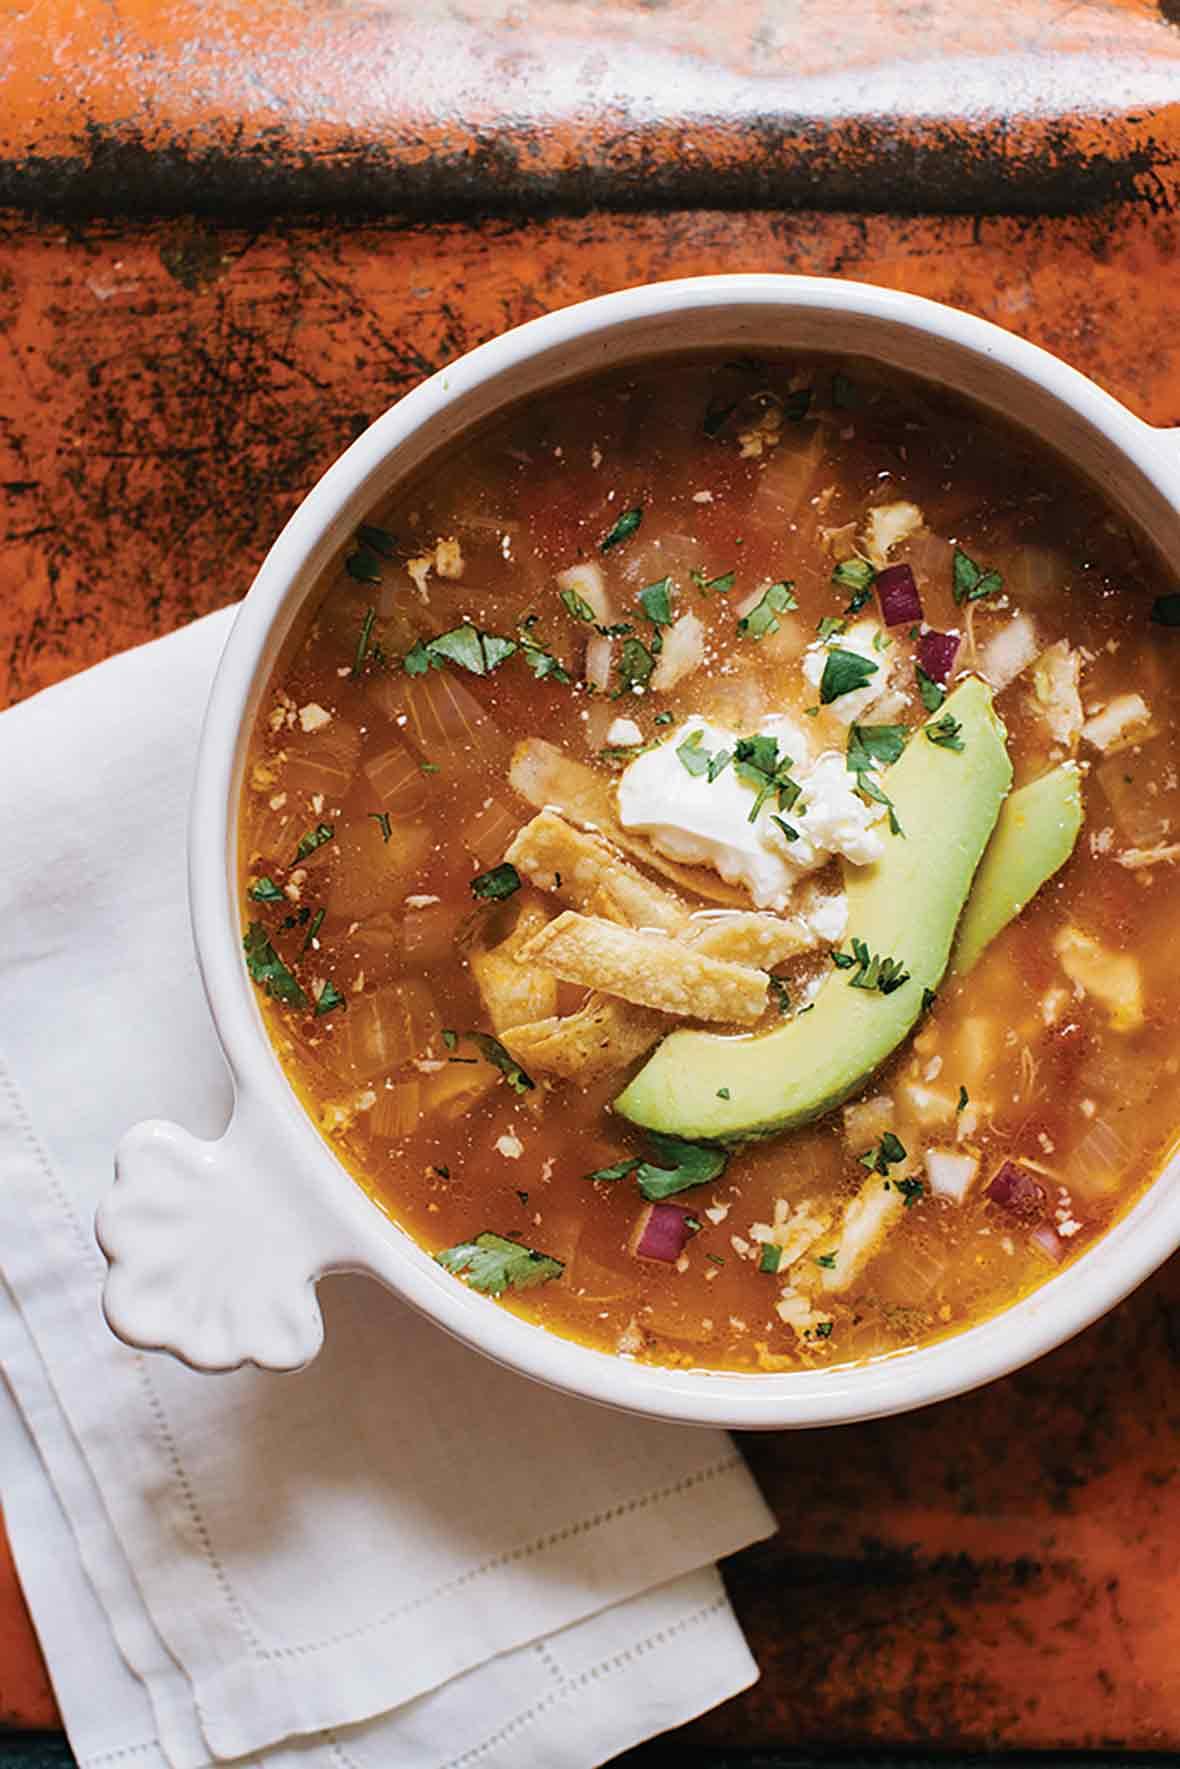 A bowl of easy chicken tortilla soup, with chicken, avocado, tortilla strips, and sour cream